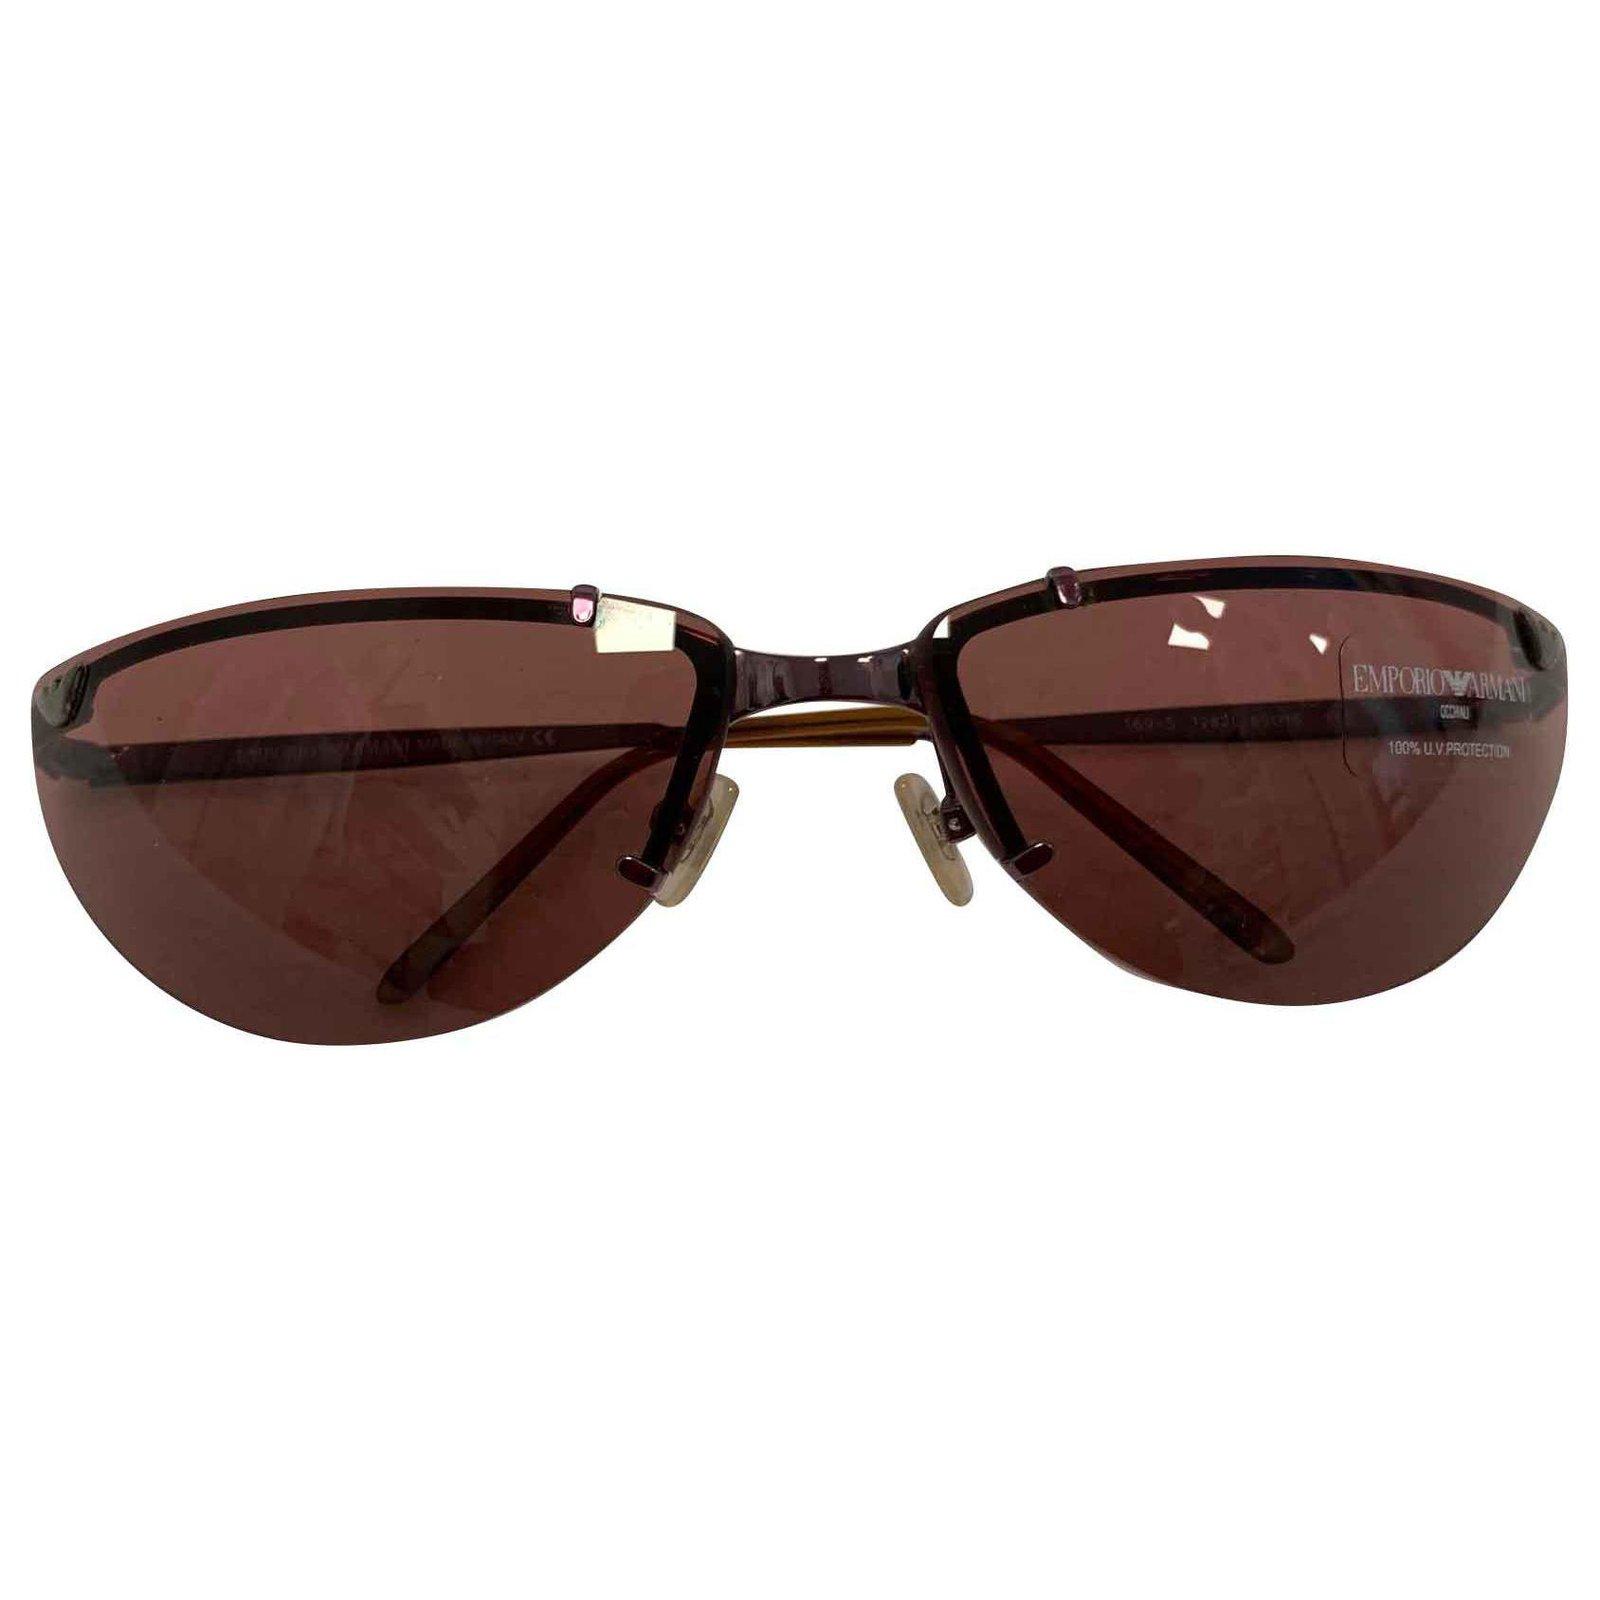 où acheter boutique pour officiel beau look Lunettes de soleil EA Vintage bordeaux claires